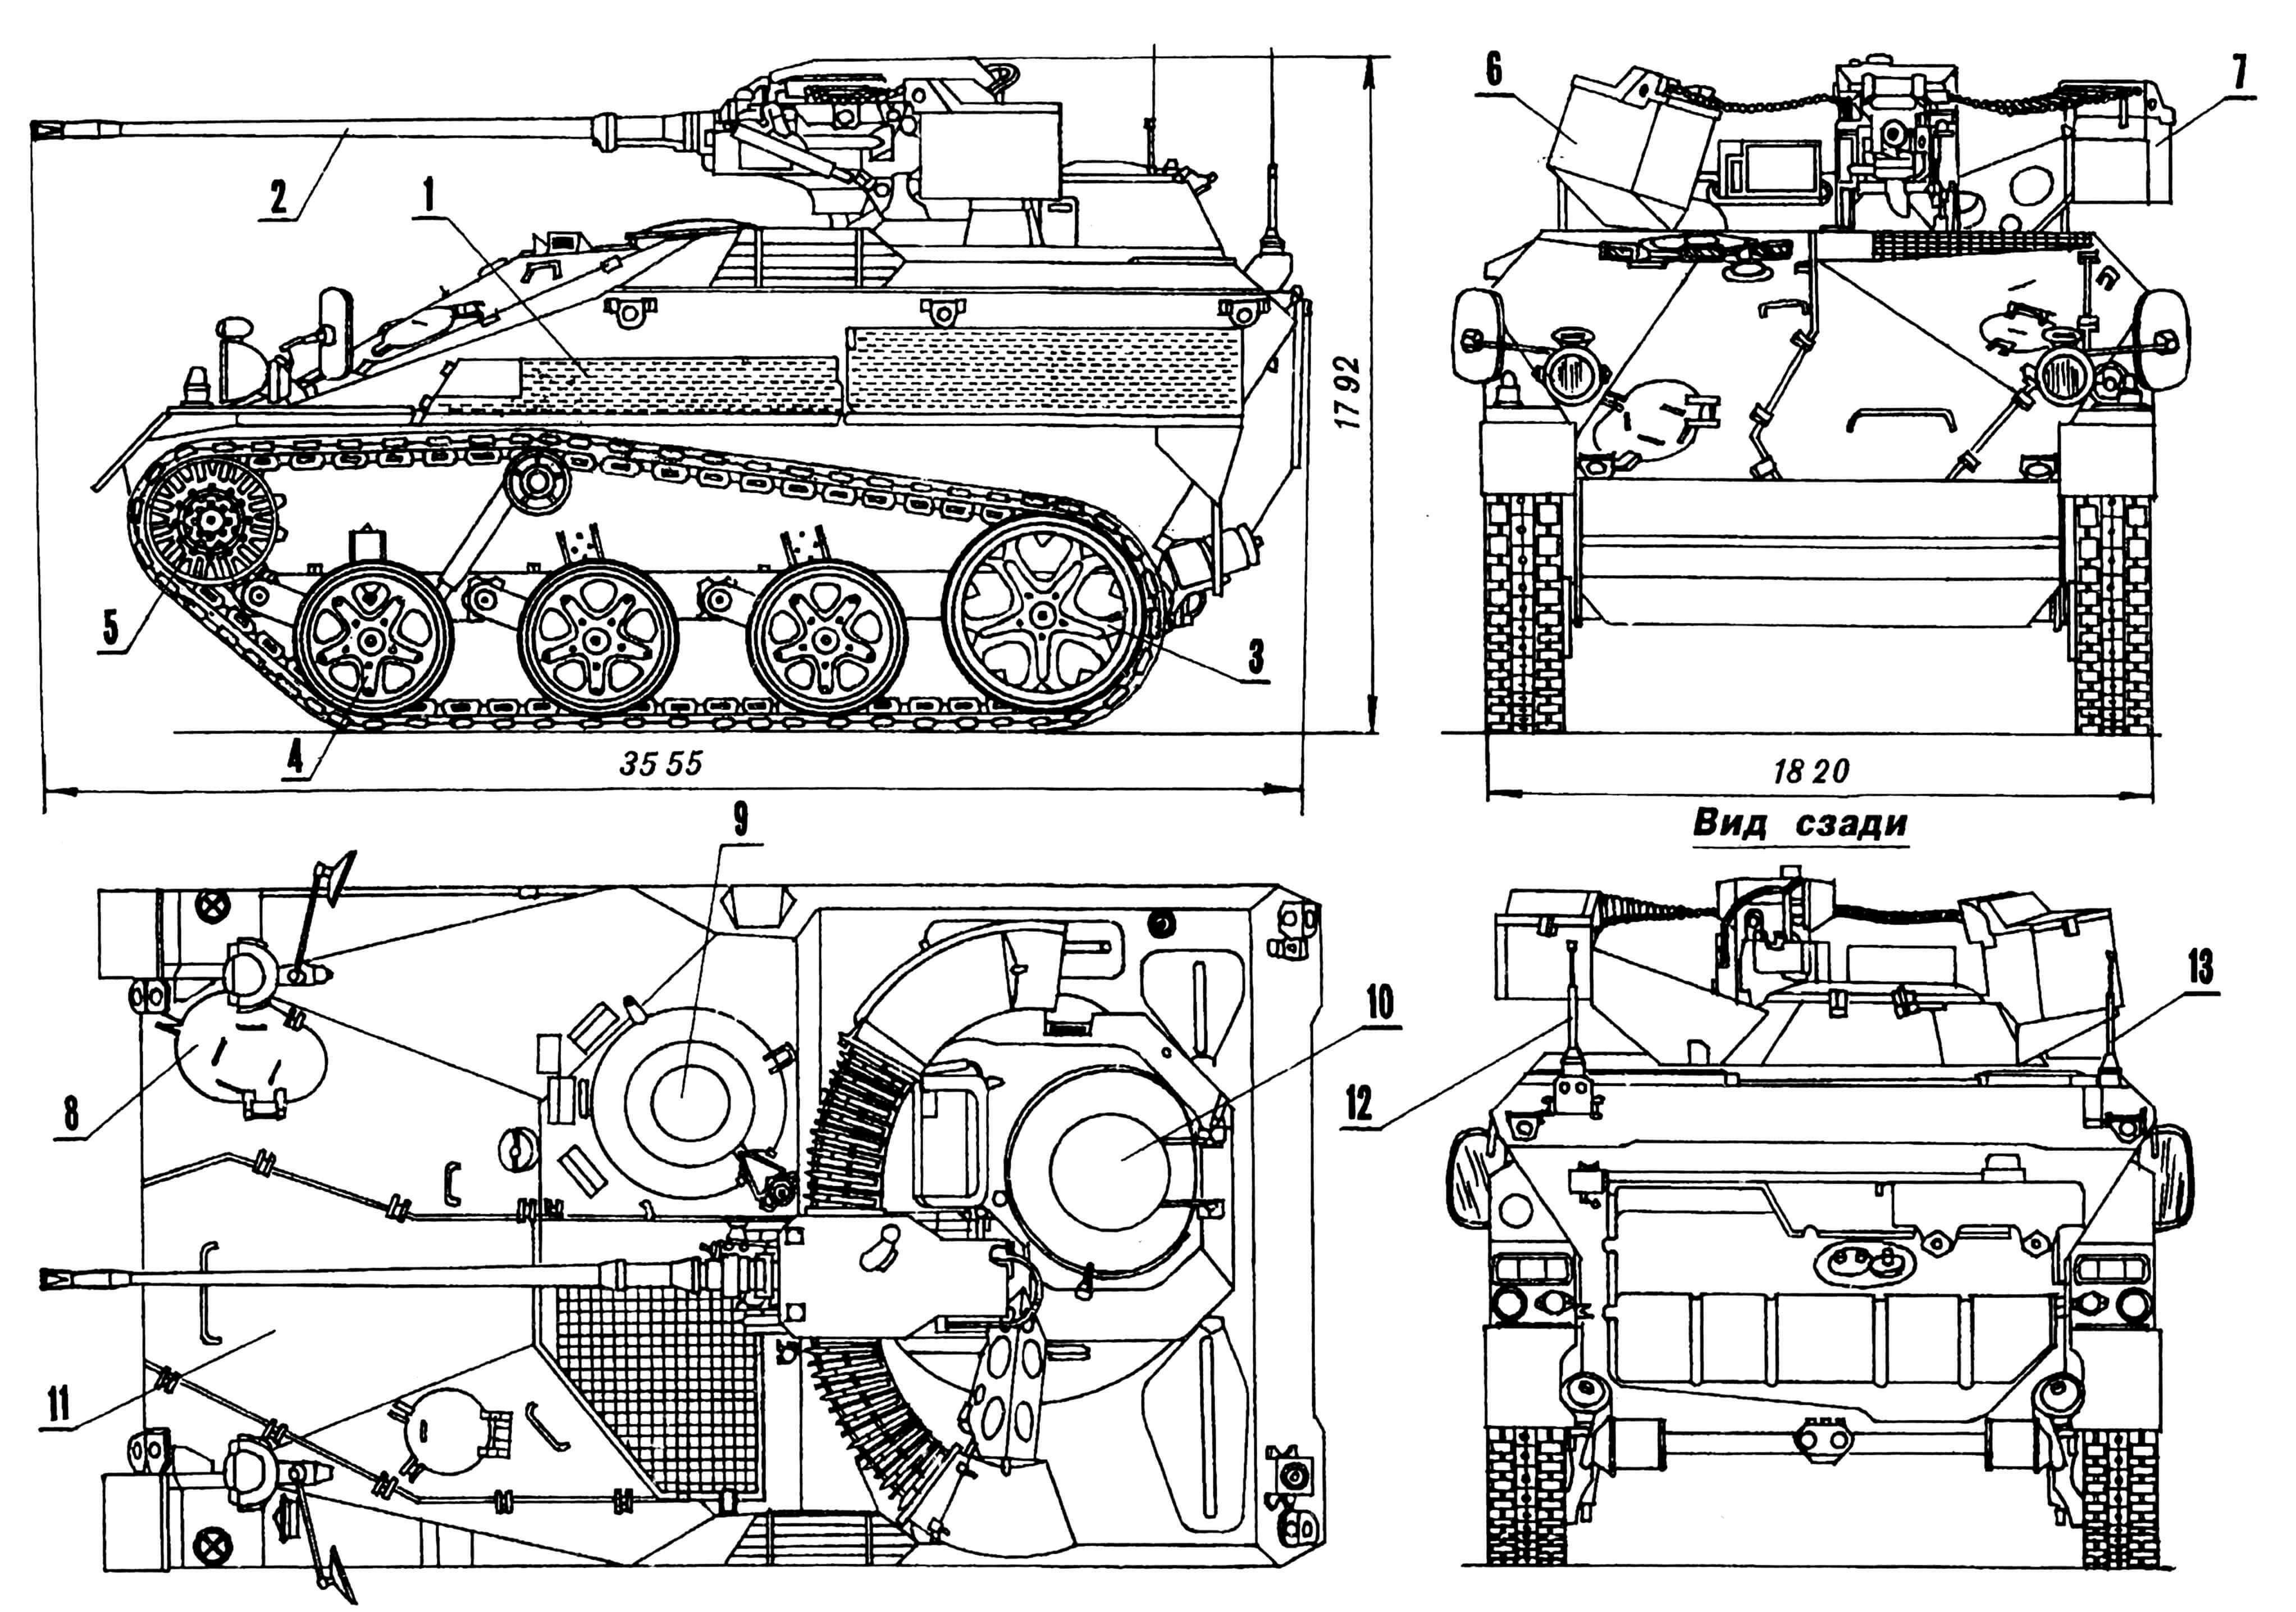 Боевая десантная машина Wiesel Мк20 А1: 1 — сетка выхлопной трубы, защитная; 2 — 20-мм пушка; 3 — ленивец; 4 — каток опорный; 5 — колесо ведущее; 6,7 — коробки патронные бронированные; 8 — люк доступа к трансмиссии; 9 — люк механика-водителя; 10 — люк стрелка; 11 — люк доступа к двигателю; 12,13 — антенны.